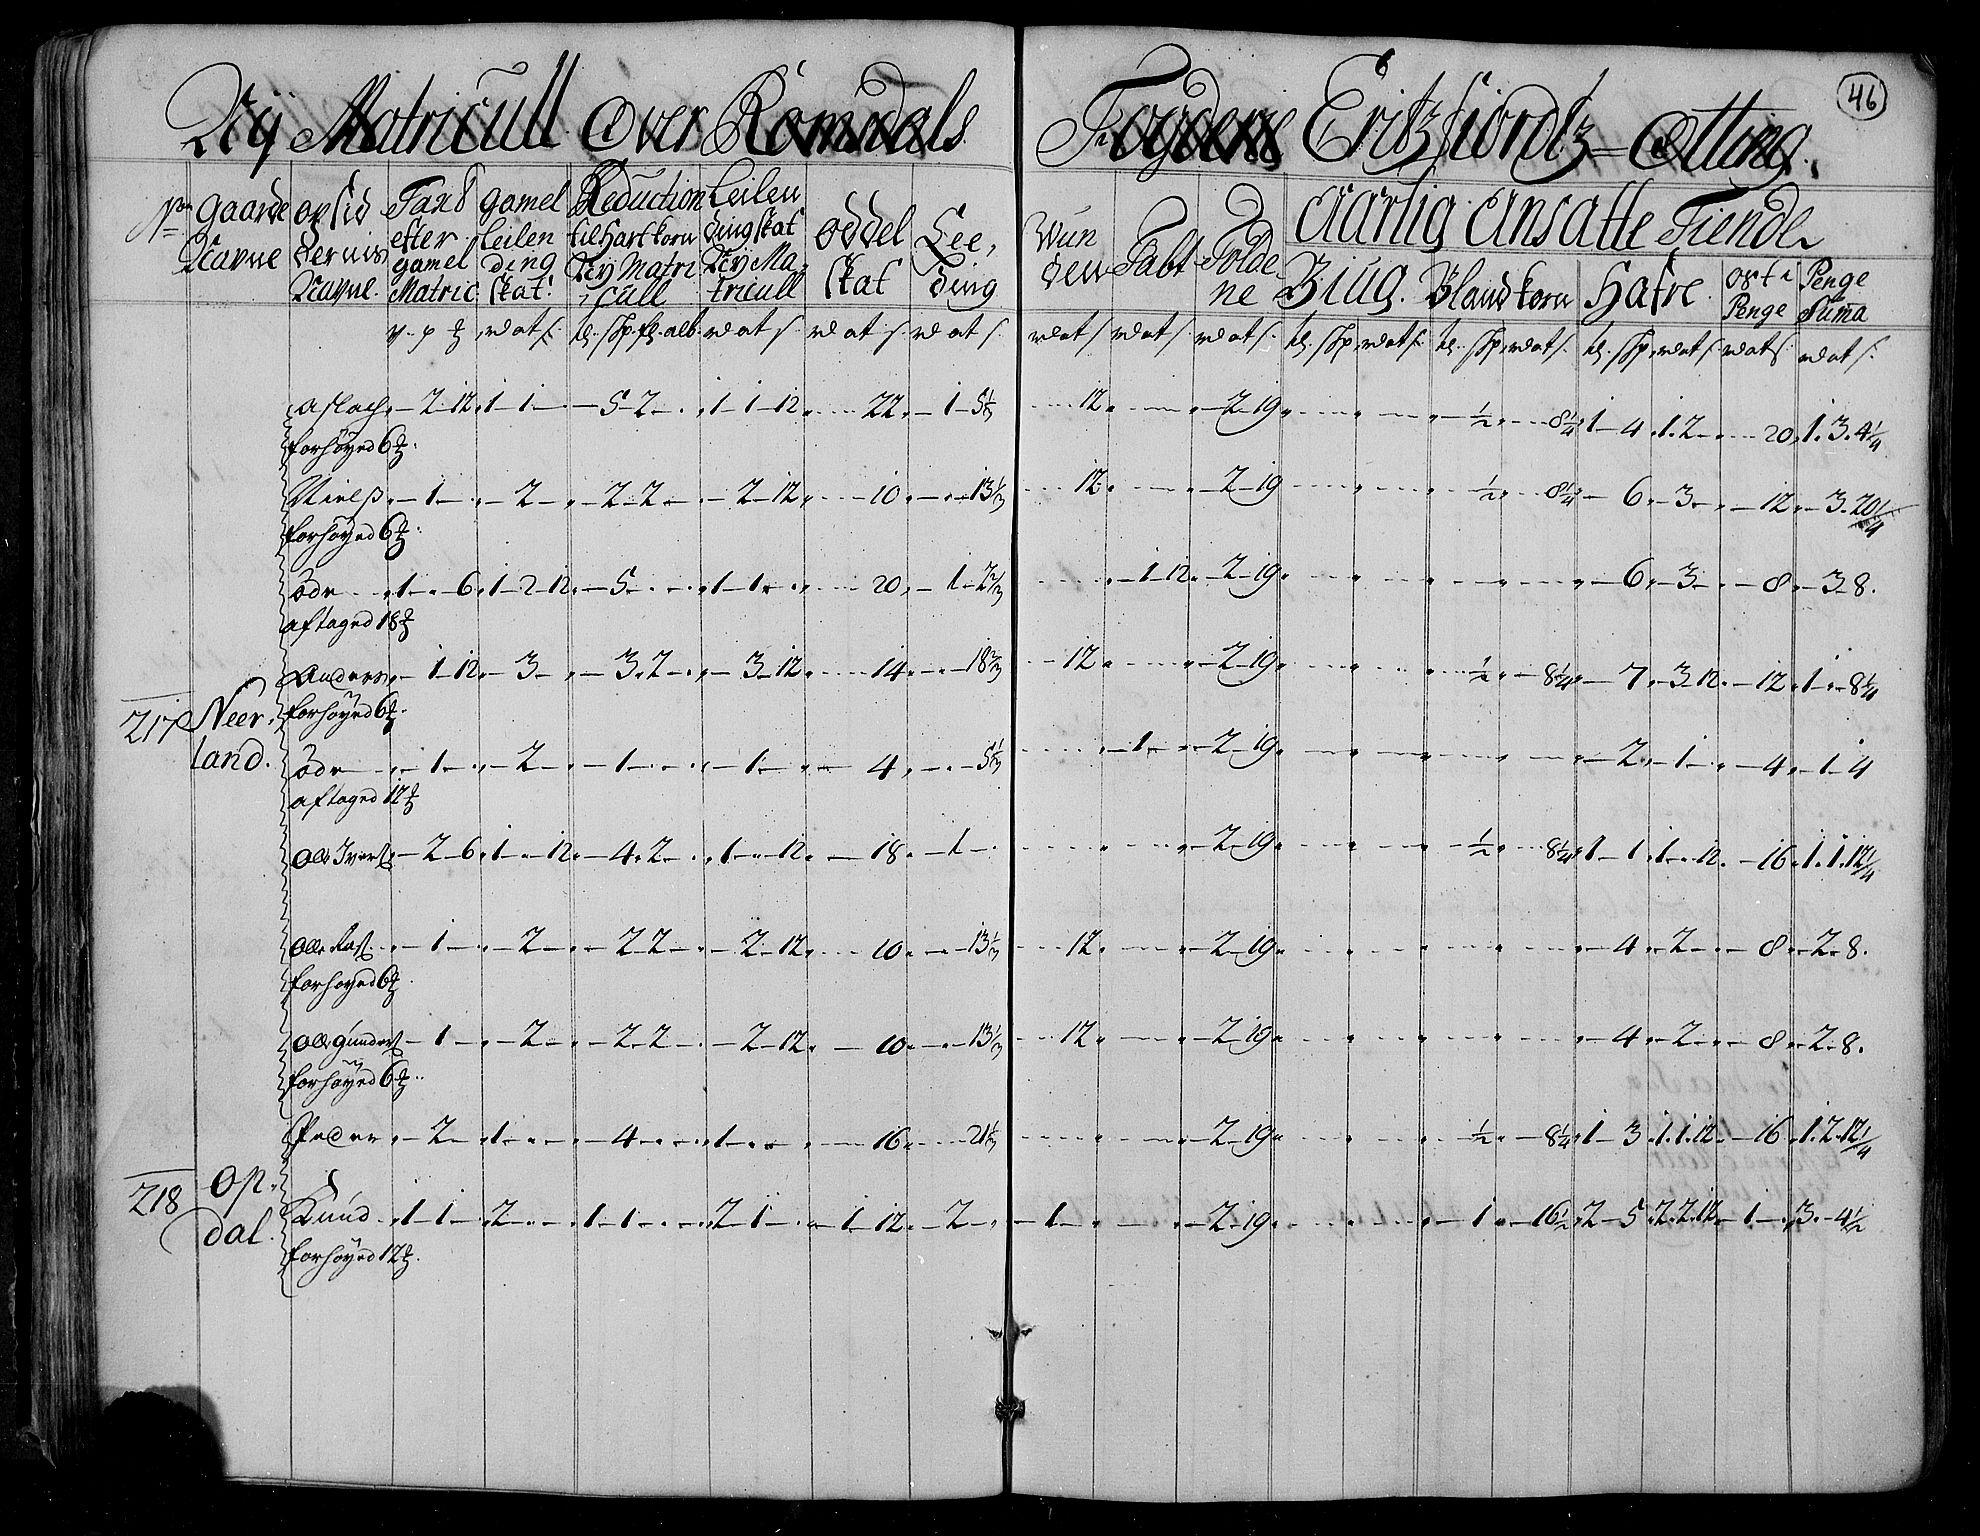 RA, Rentekammeret inntil 1814, Realistisk ordnet avdeling, N/Nb/Nbf/L0153: Romsdal matrikkelprotokoll, 1724, s. 47